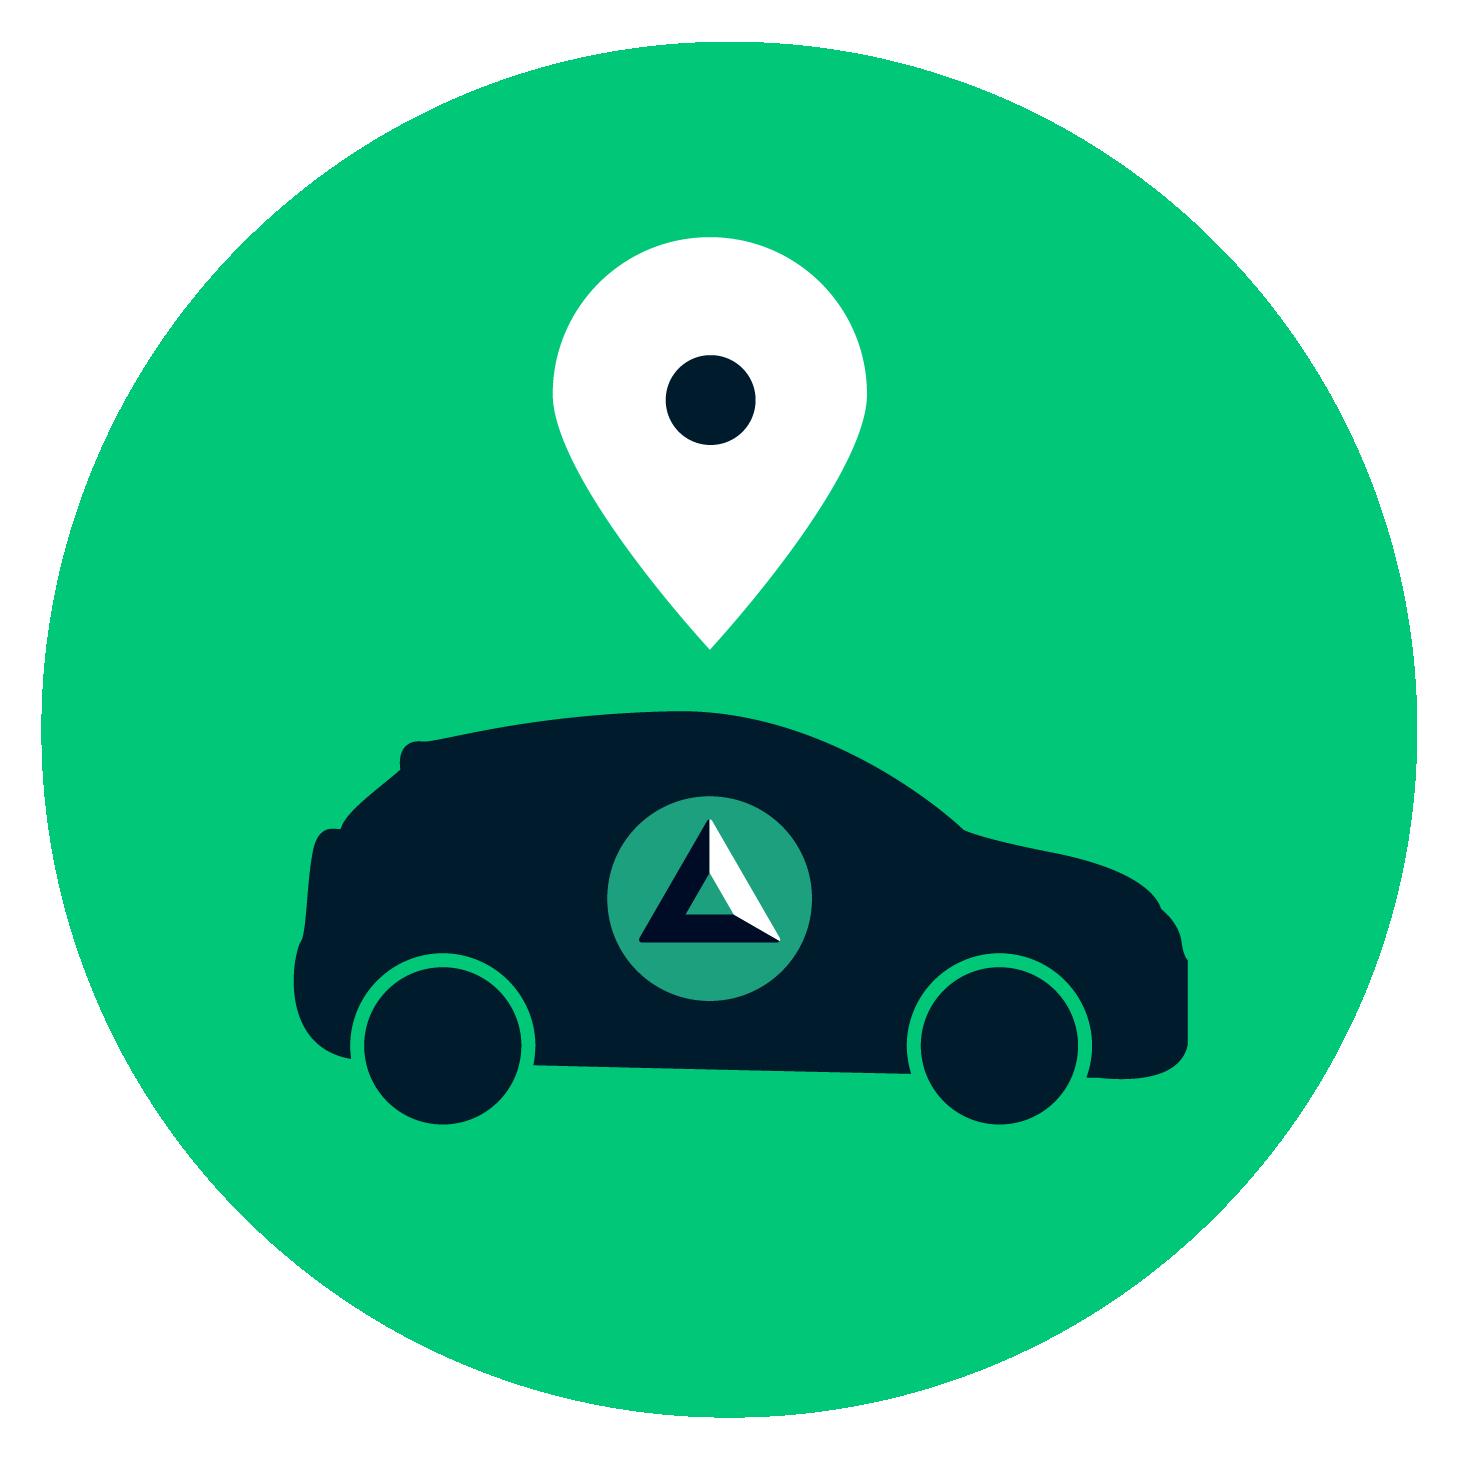 Icono verde con un carro y pin